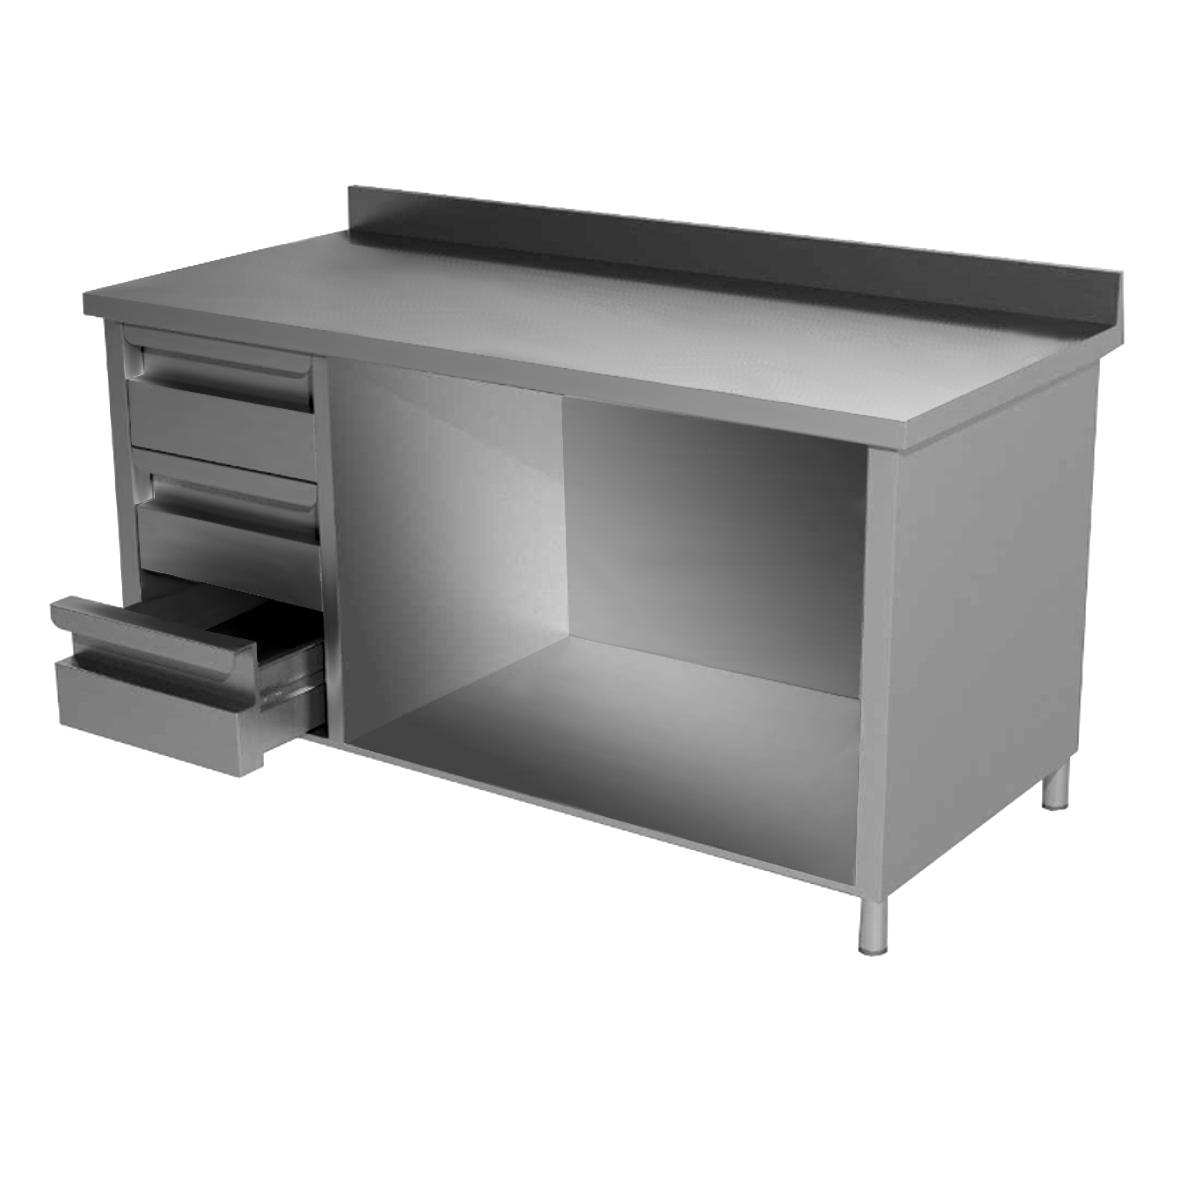 Tavolo inox aperto con 3 cassetti a sinistra e alzatina